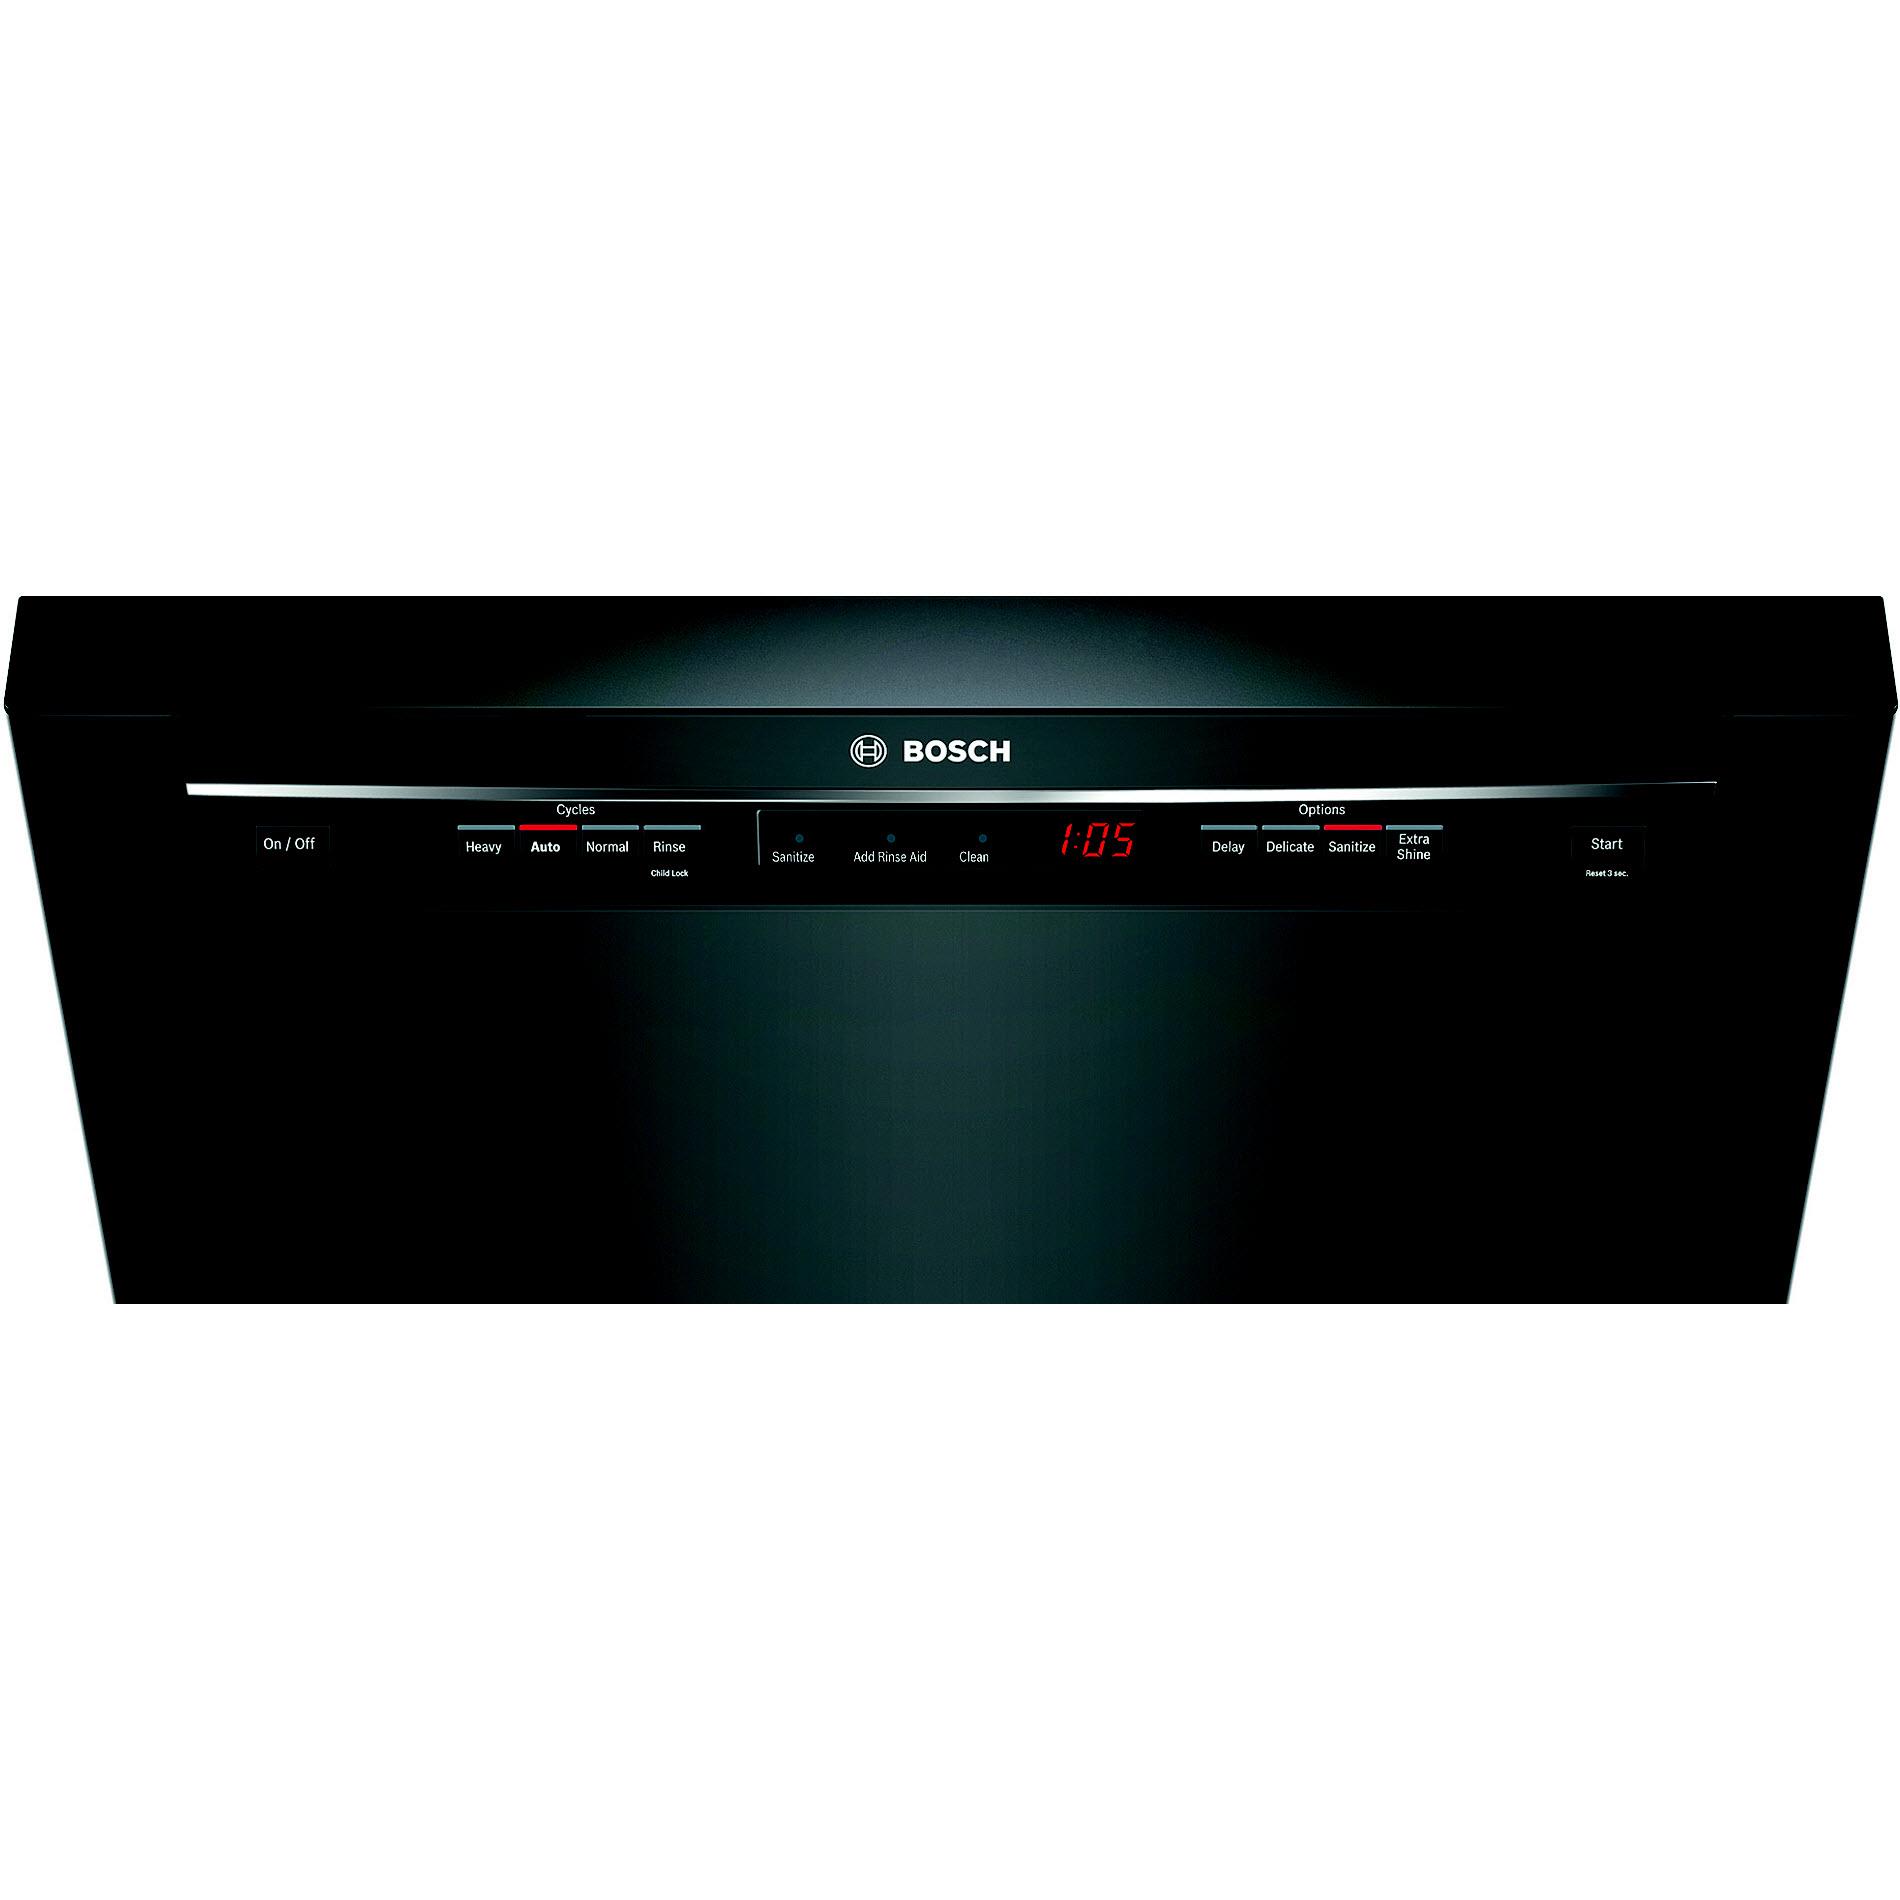 """Bosch 24"""" 300 Series Built-In Dishwasher - Black"""